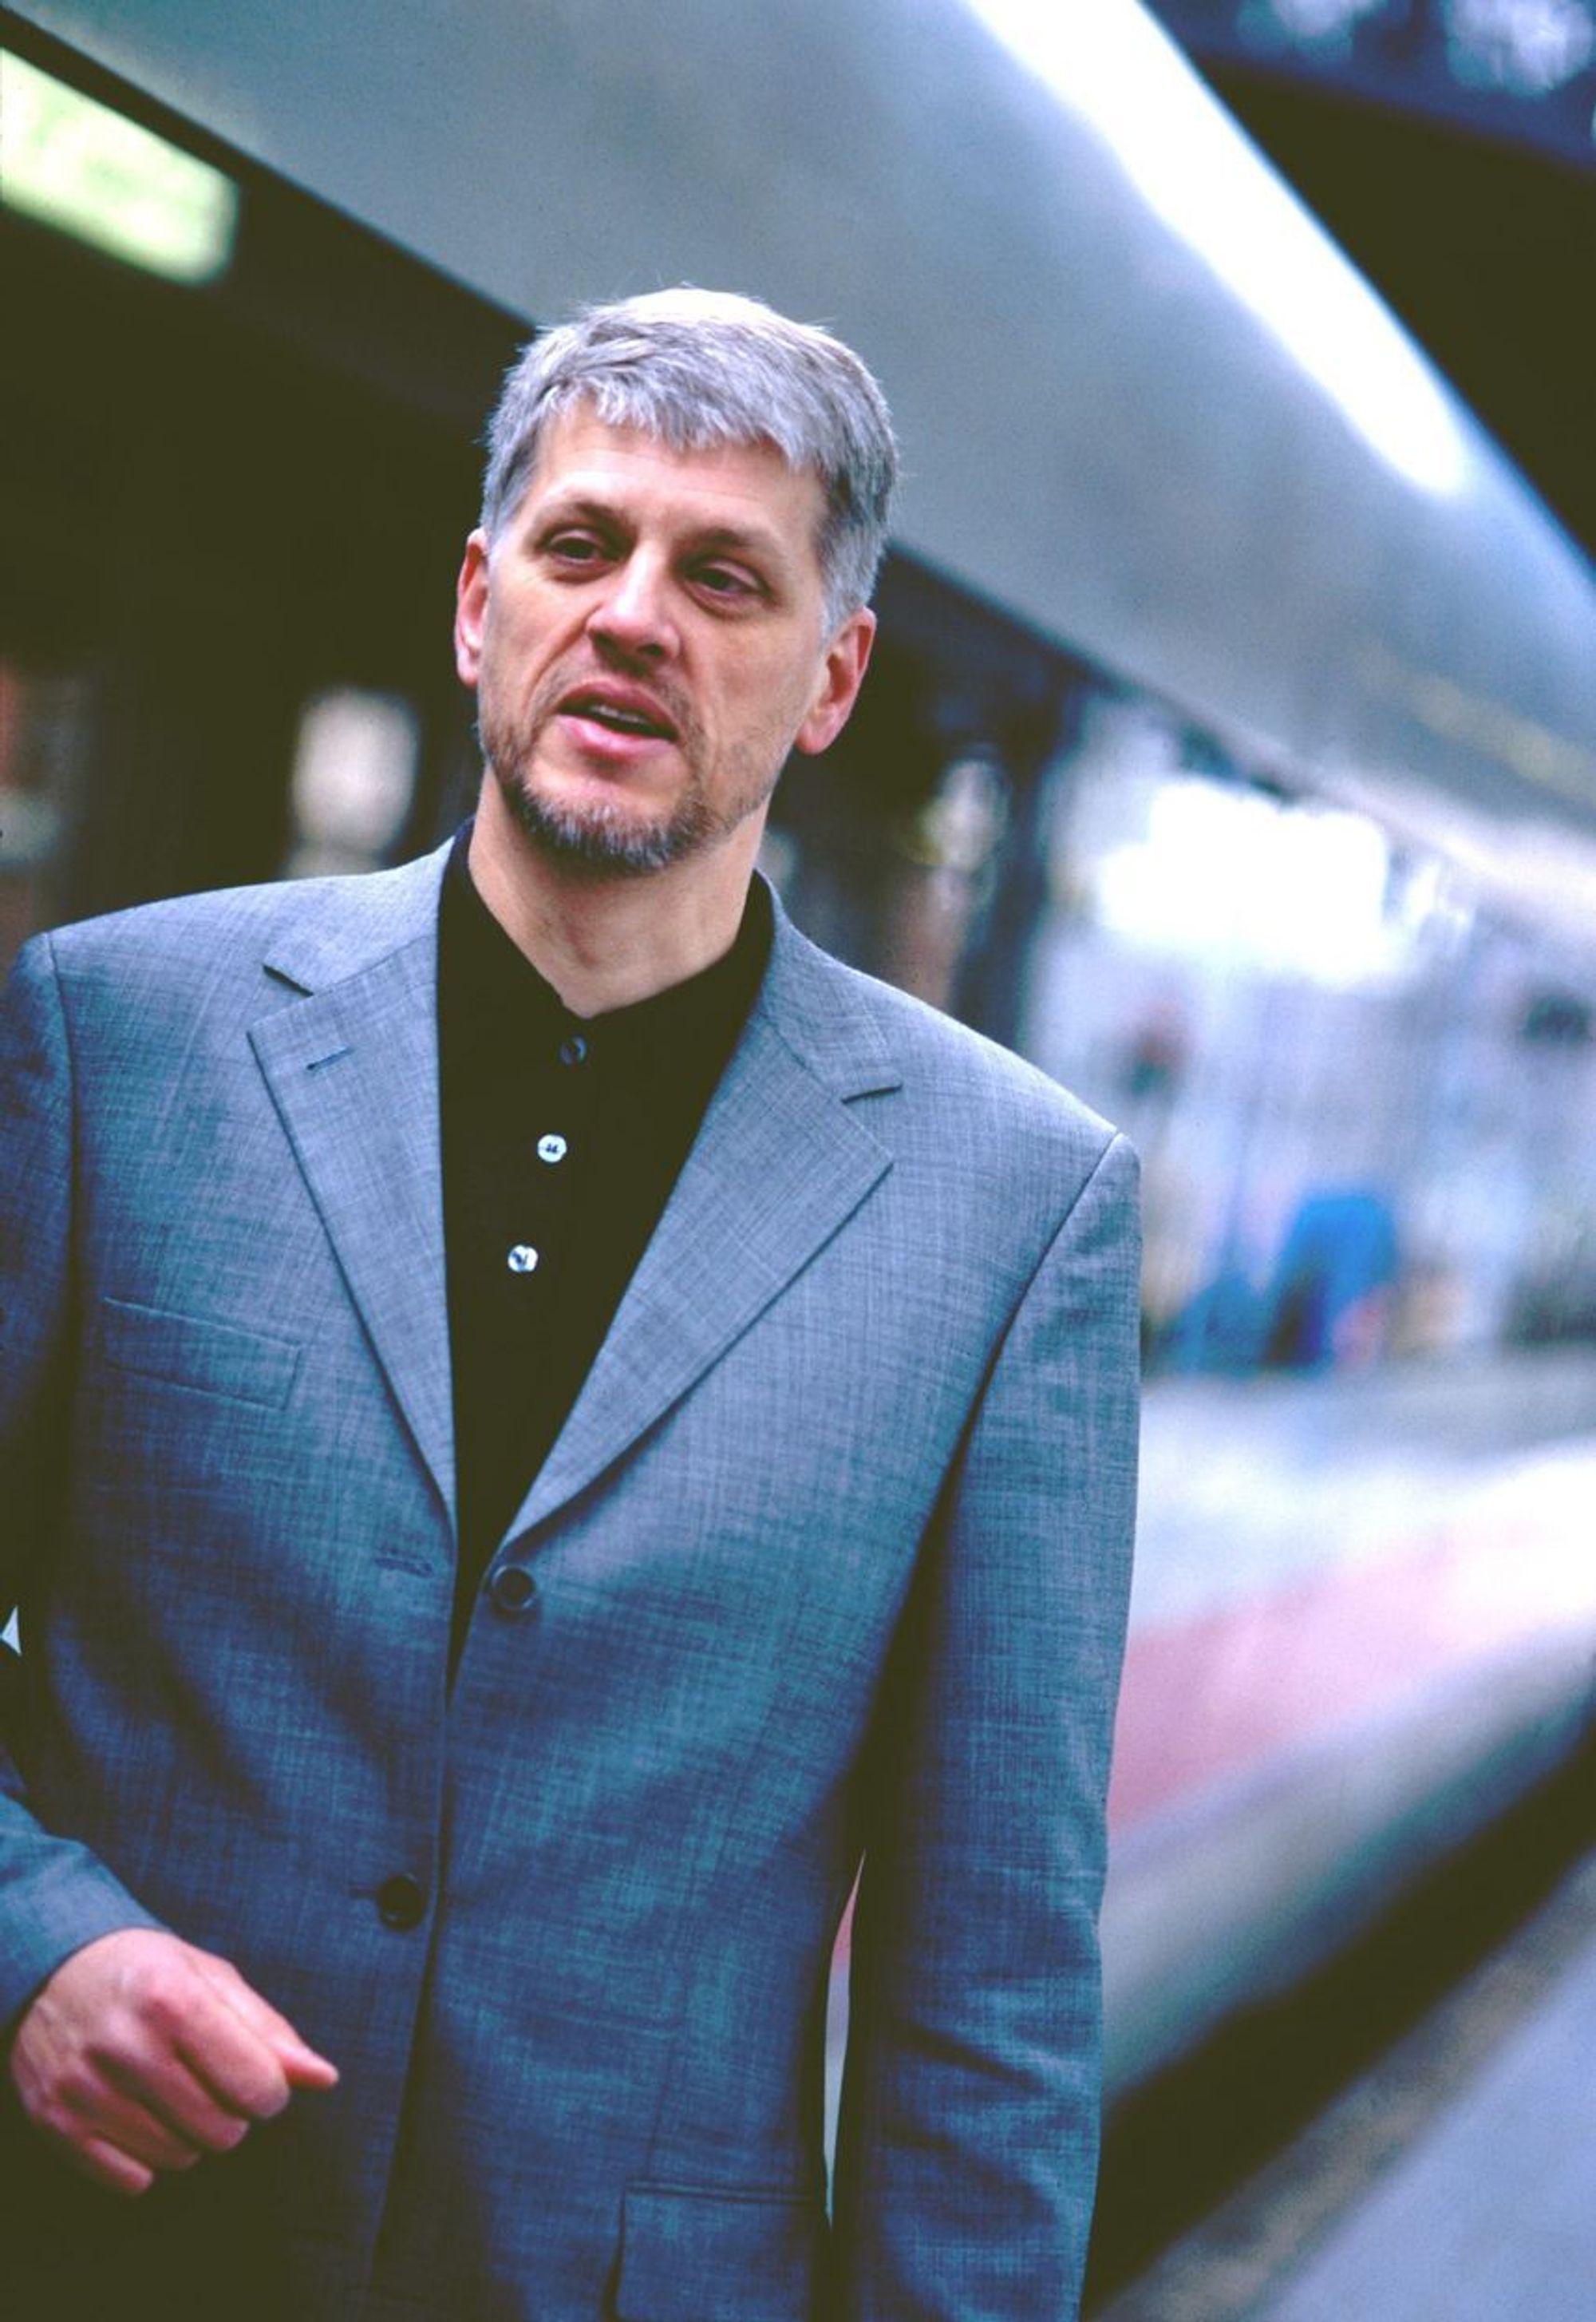 Jørg Westermann, daglig leder, Norsk Bane. Høyhastighetstog.